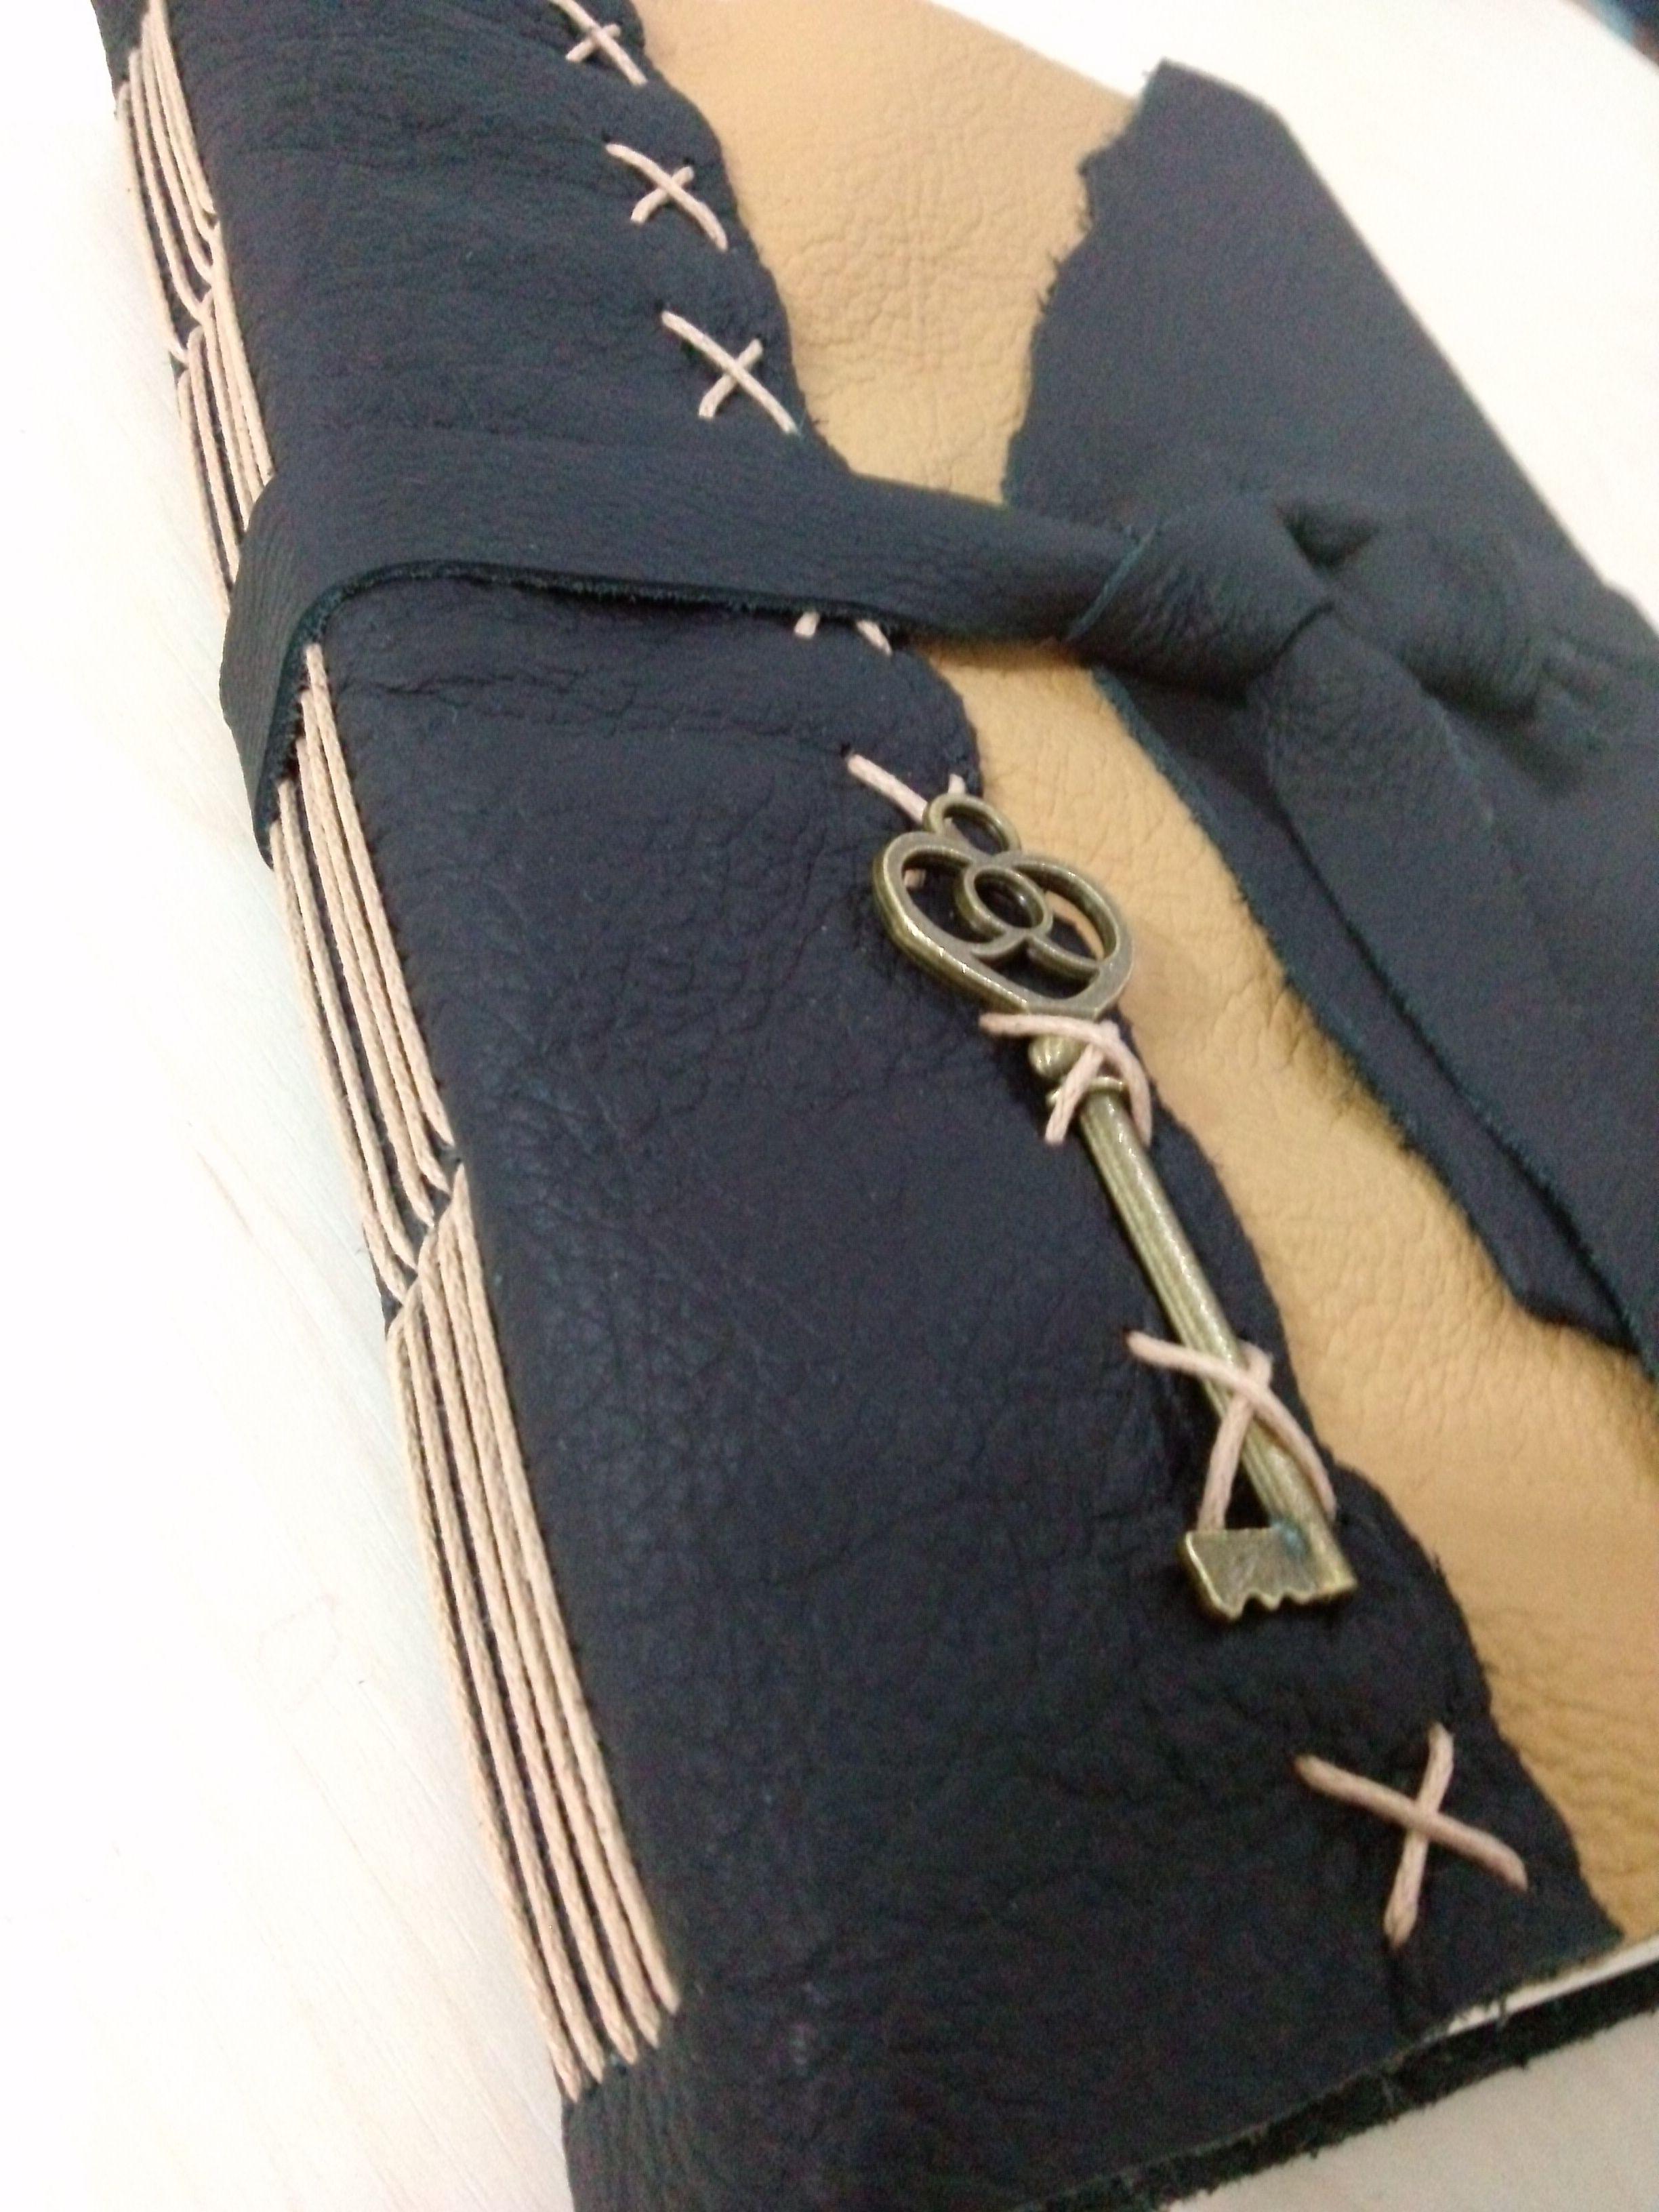 Diário feito em couro legítimo: preto e caramelo, detalhe do enfeite chave de metal, costura longstitch, tira de amarrar em couro preto. costuras na capa dando mais charme no modelo.